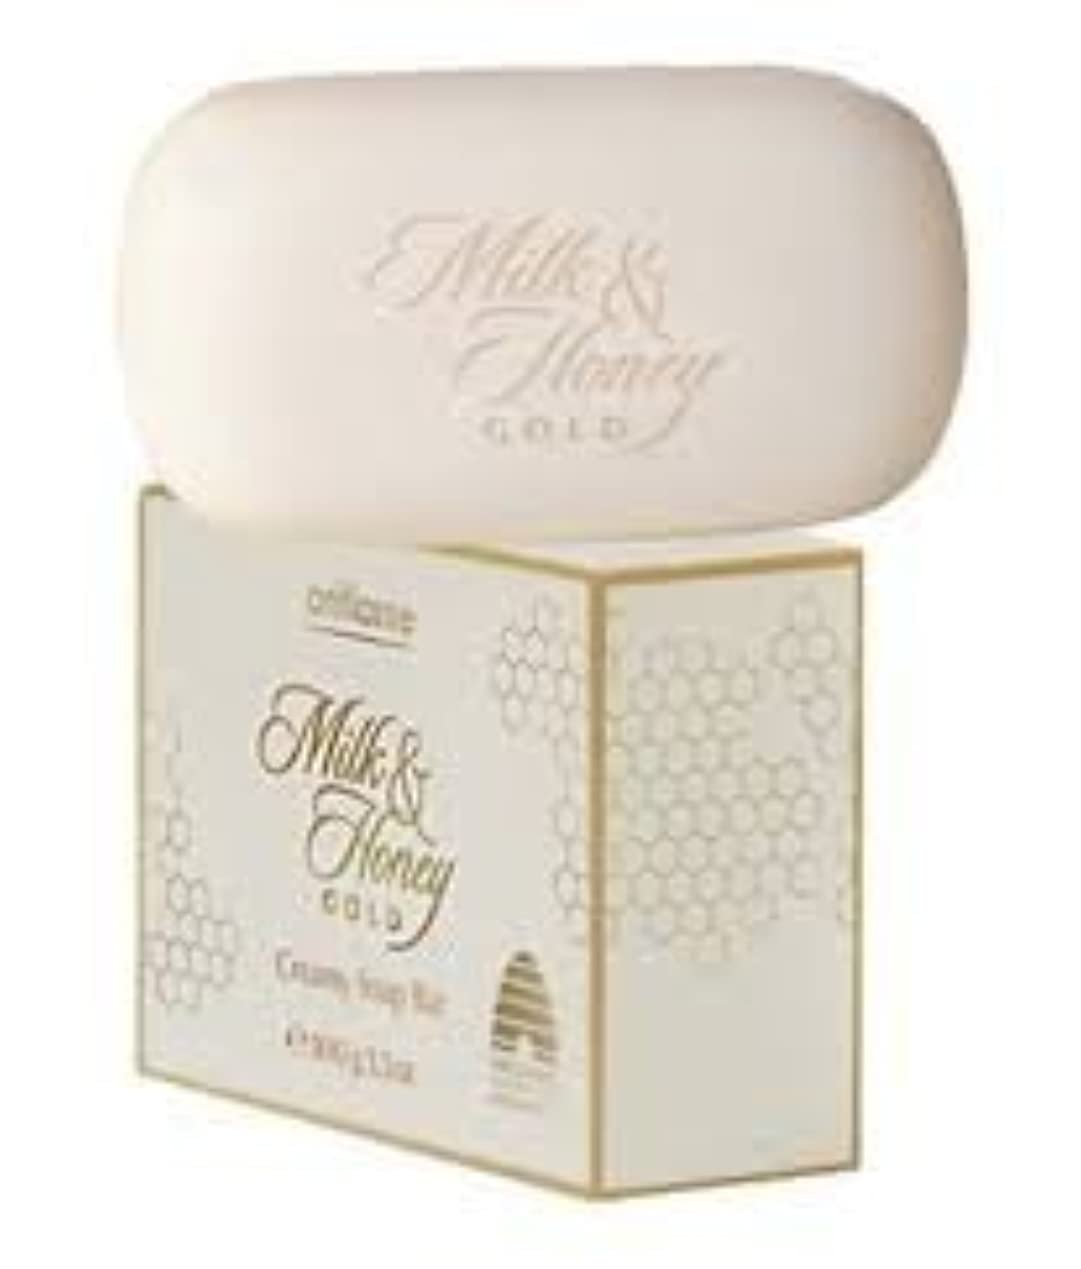 ギャラントリー競争力のある検出Oriflame Milk & Honeyゴールドクリーミーソープバー100 g